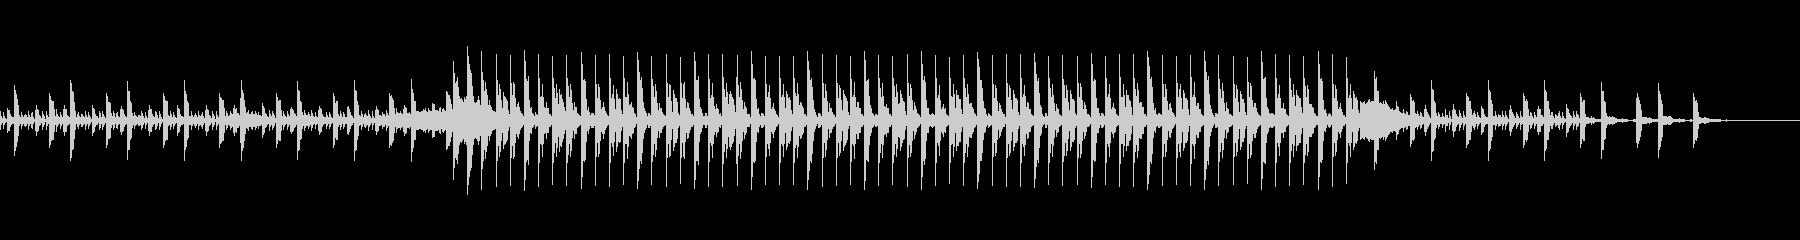 コーポレートテクスチャ―11の未再生の波形